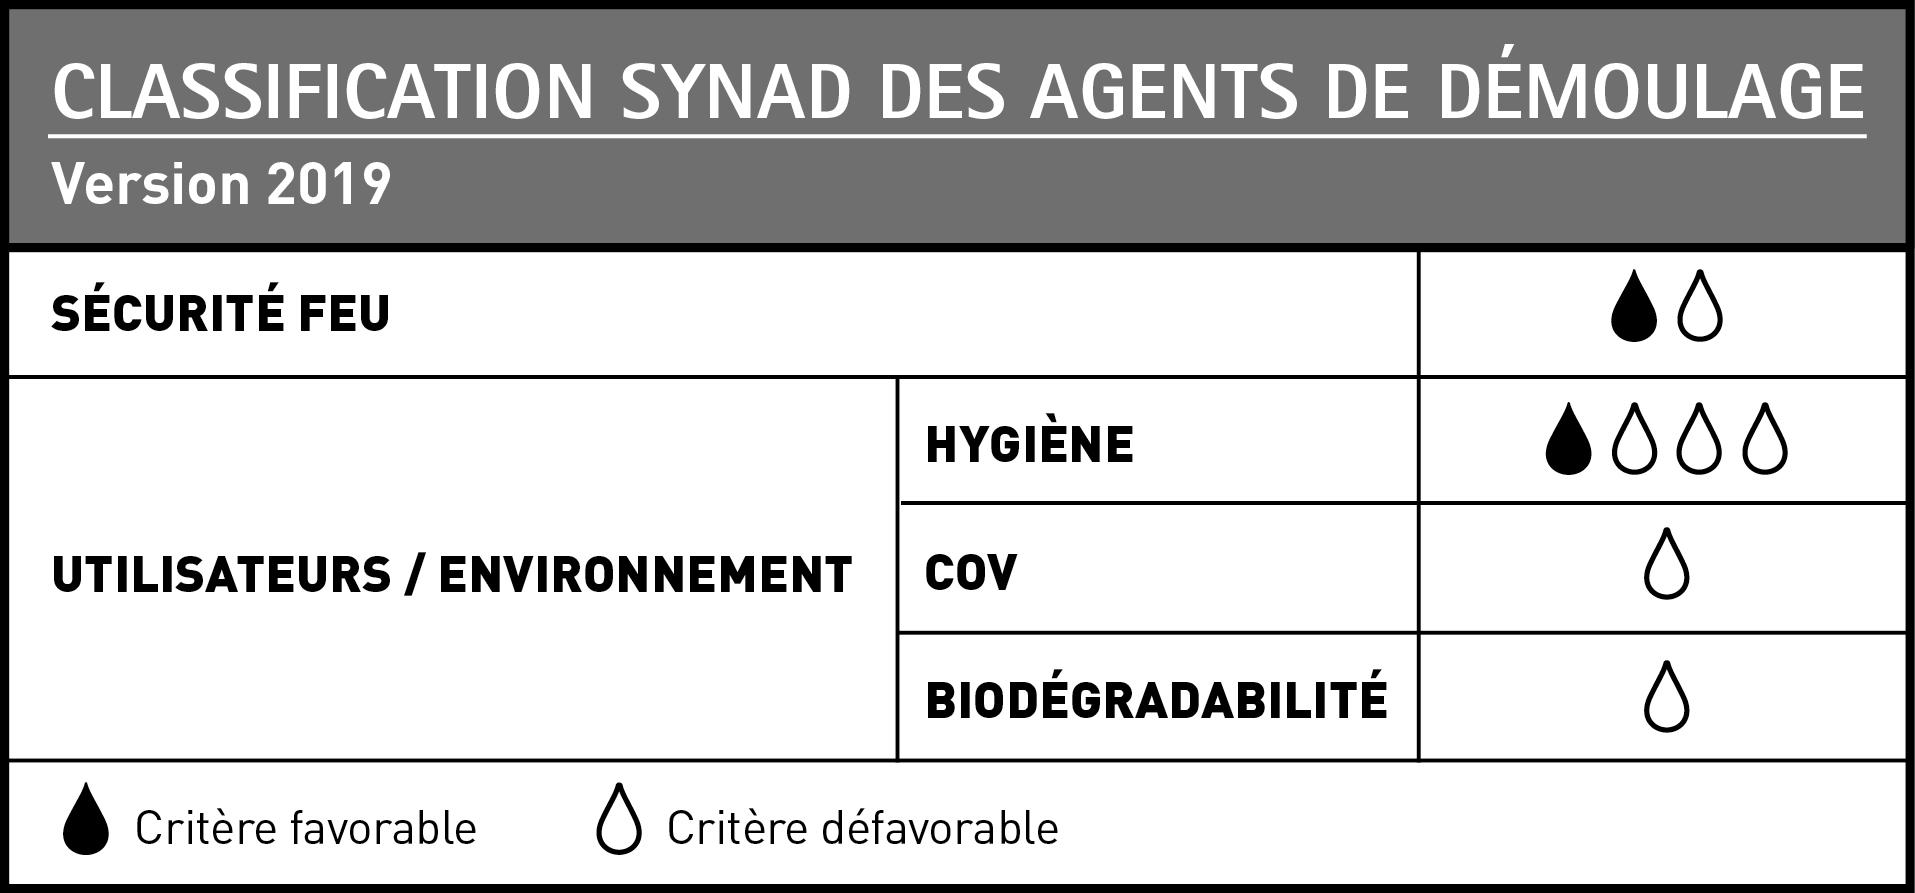 02-FR-synad-1-1-0-0.jpg